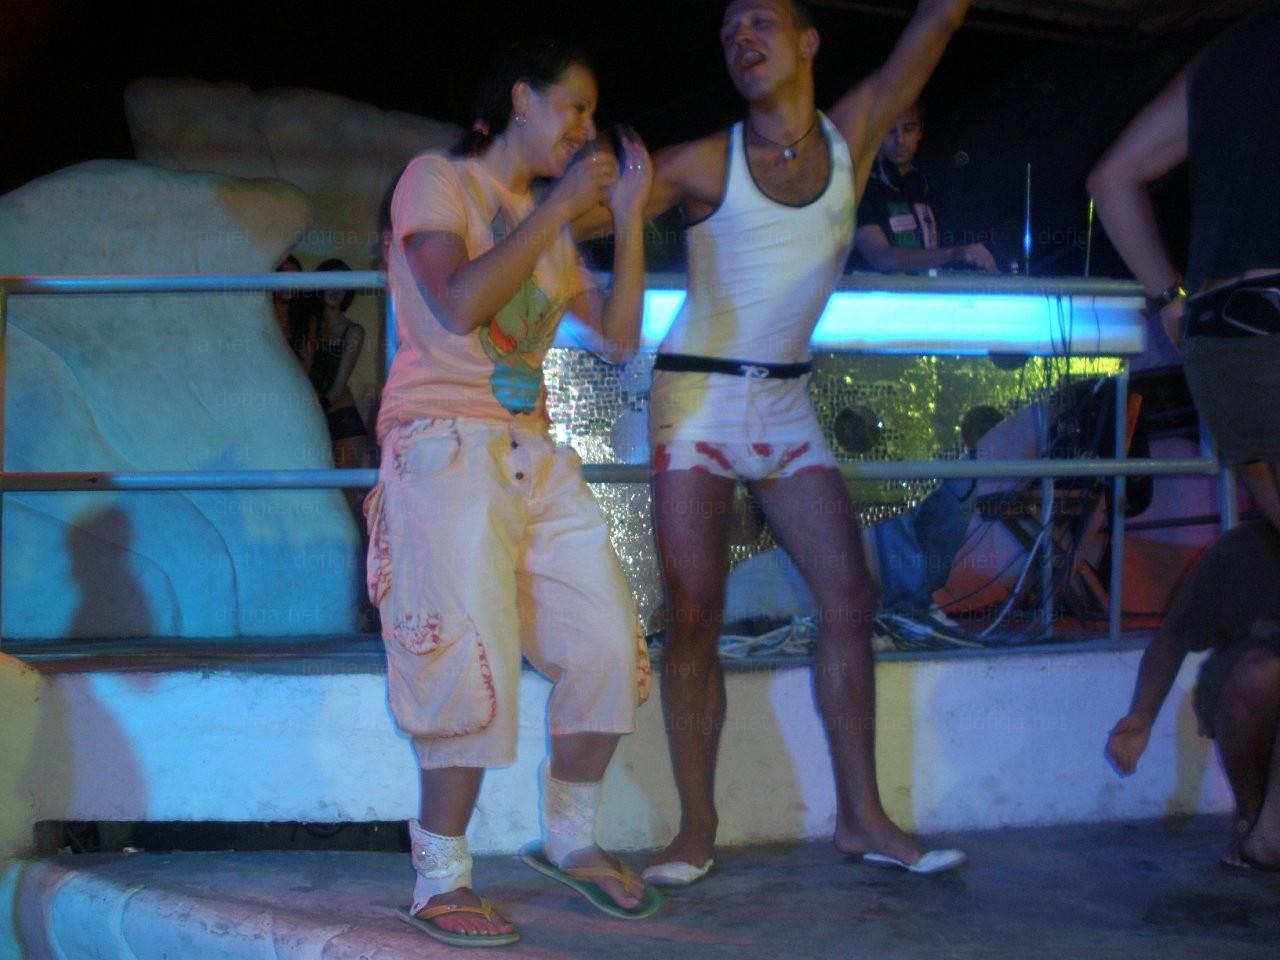 Развратный конкурс в ночном клубе 3 фотография